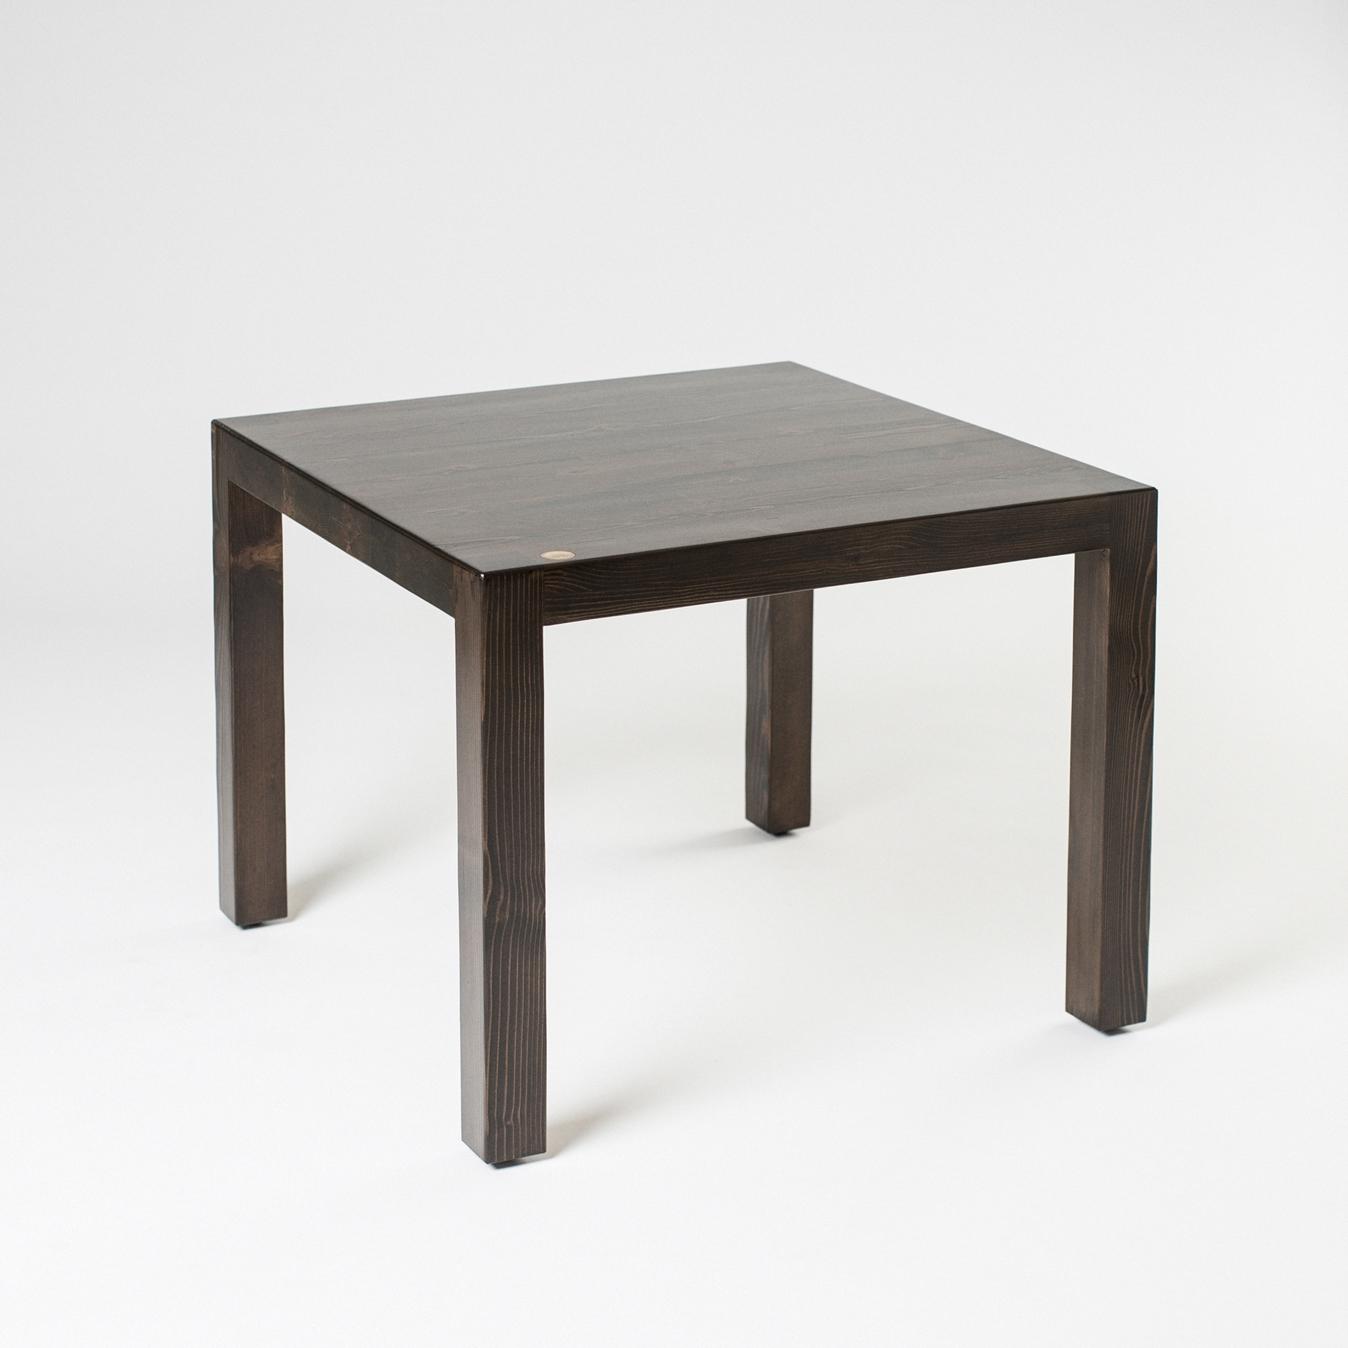 HAYMARKET BREAKFAST TABLE